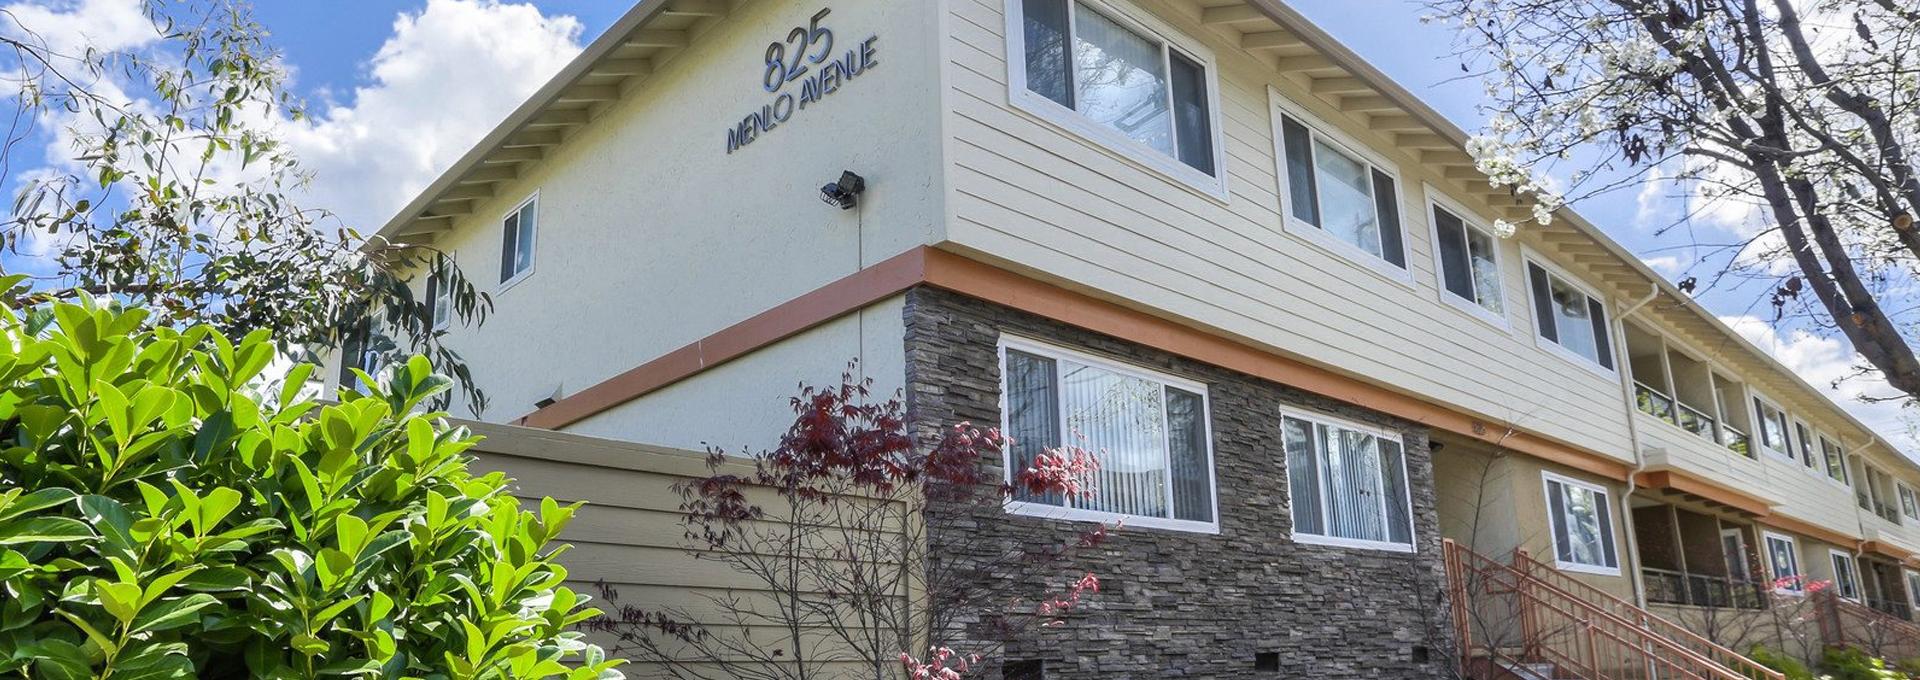 825 Menlo Apartments